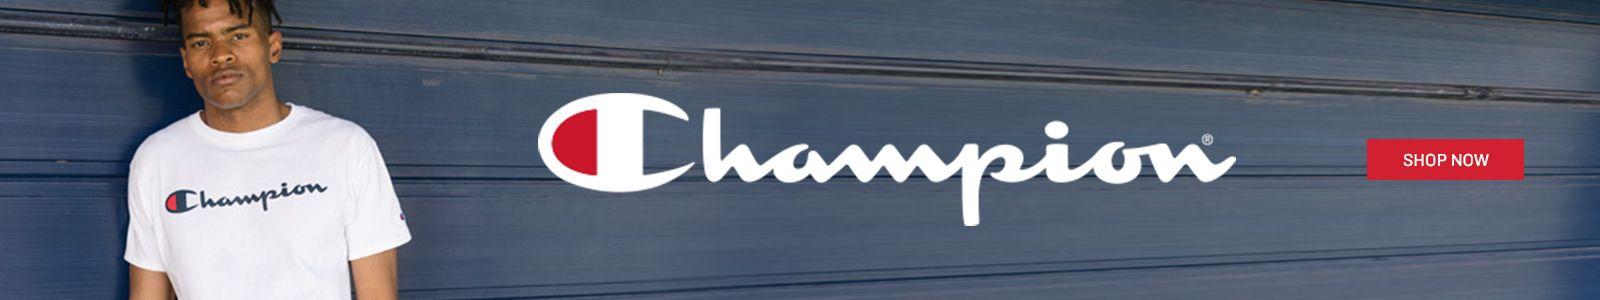 Champion, Shop Now